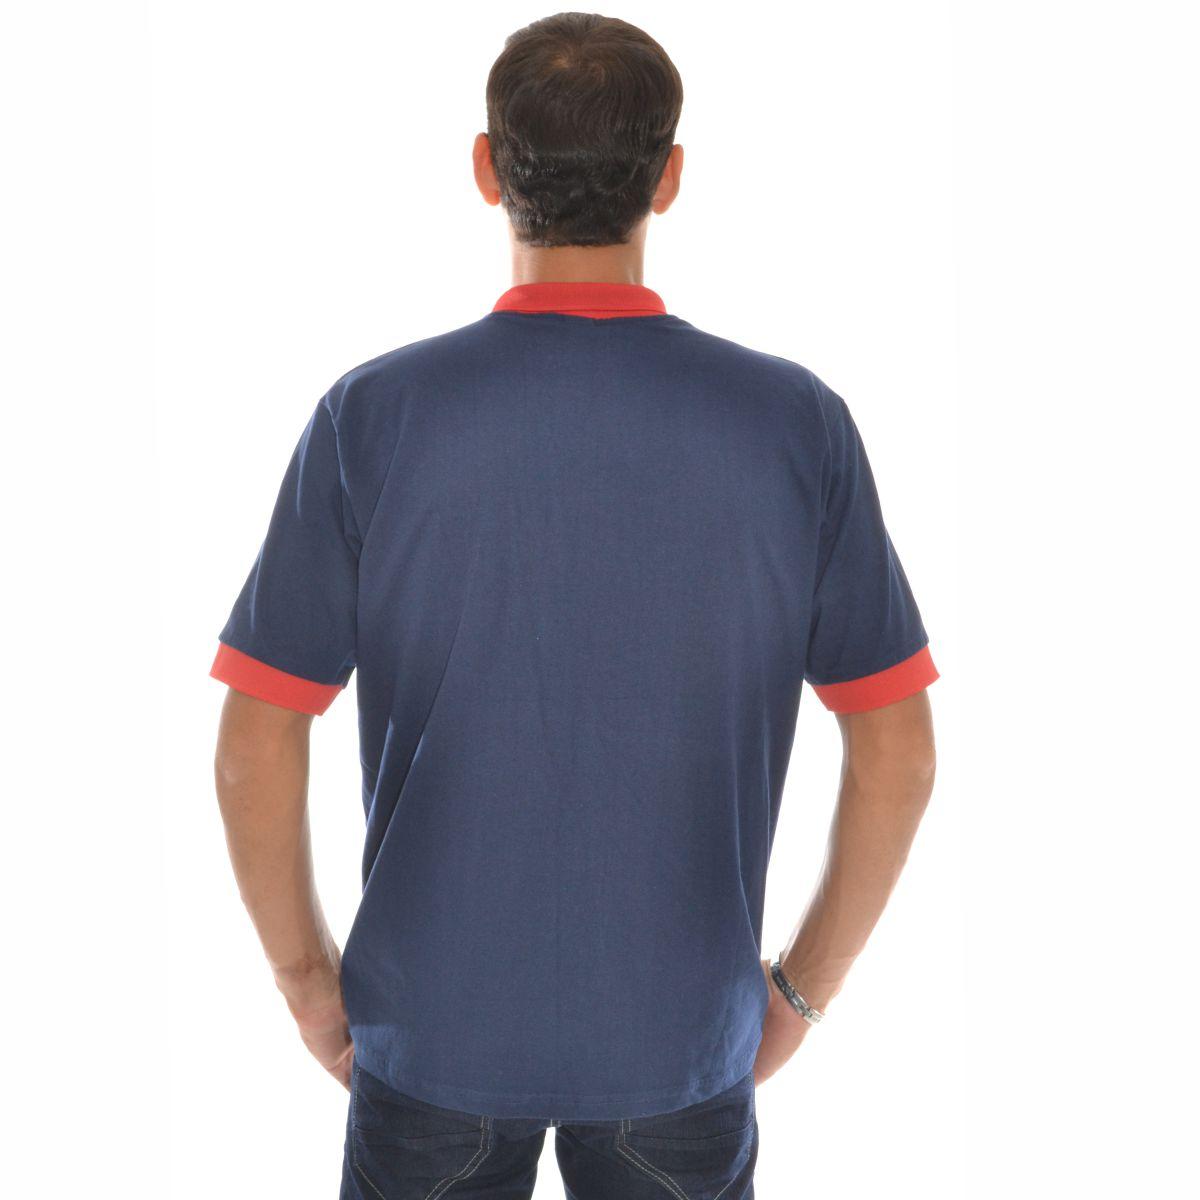 Camisa Gola Polo Masculina Adulto - 199